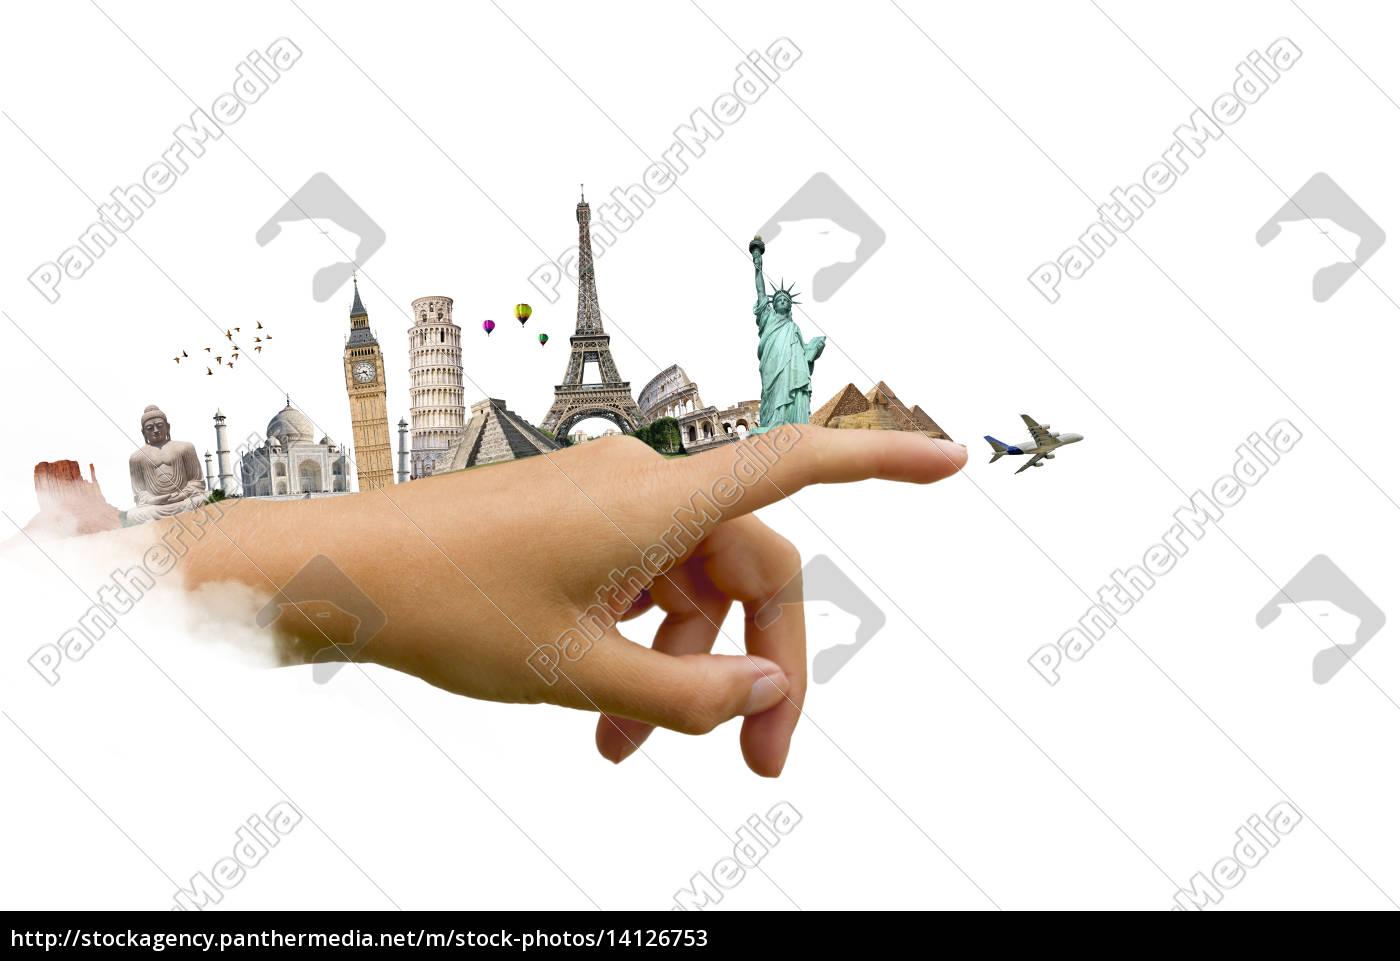 ilustración, del, famoso, monumento, del, mundo - 14126753